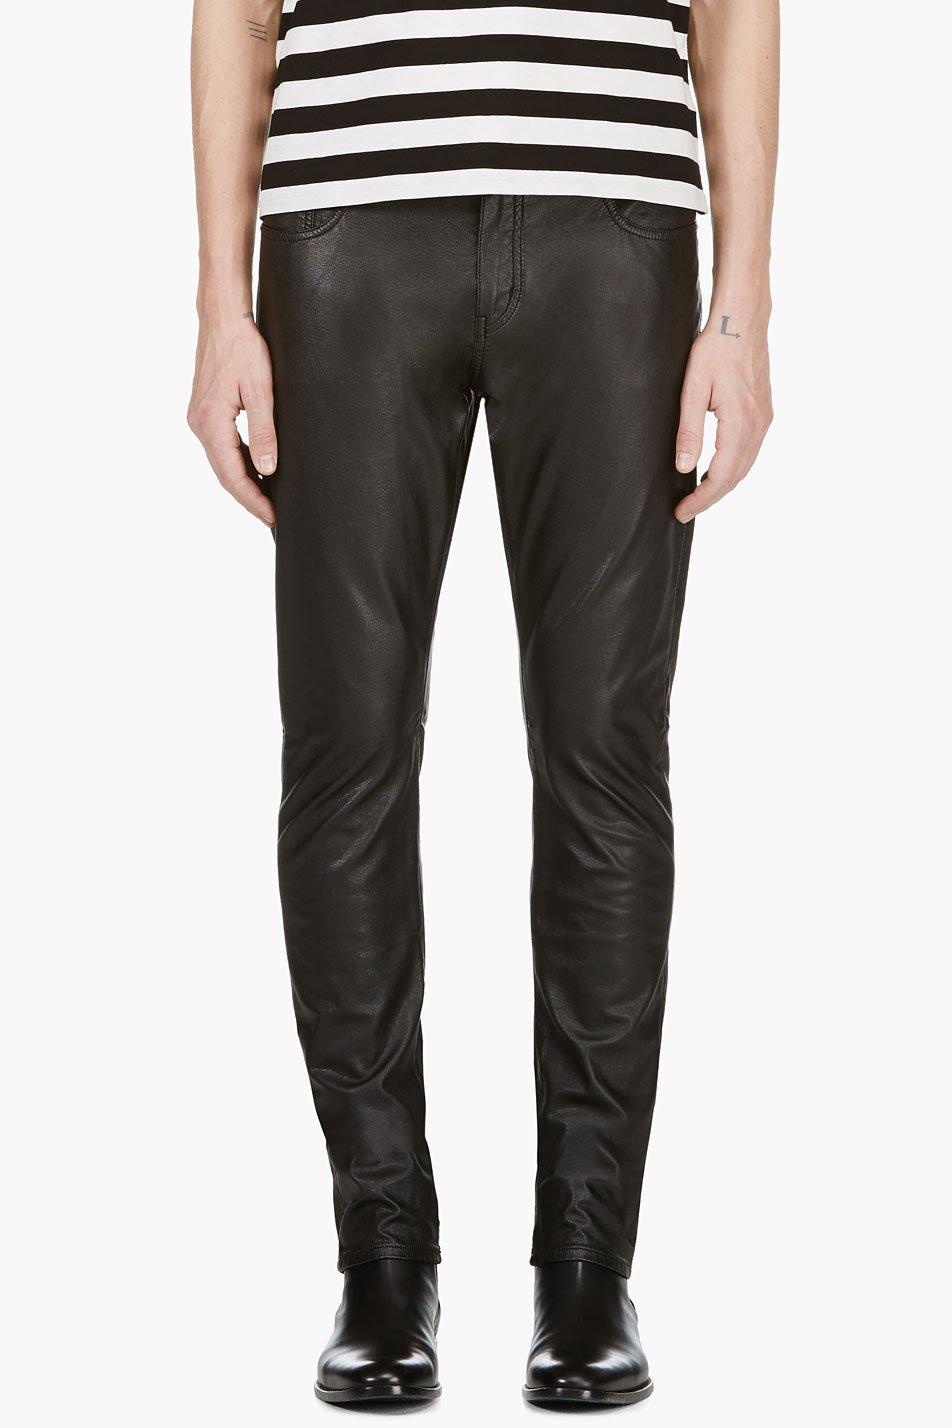 Saint laurent black faux leather jean cut pants